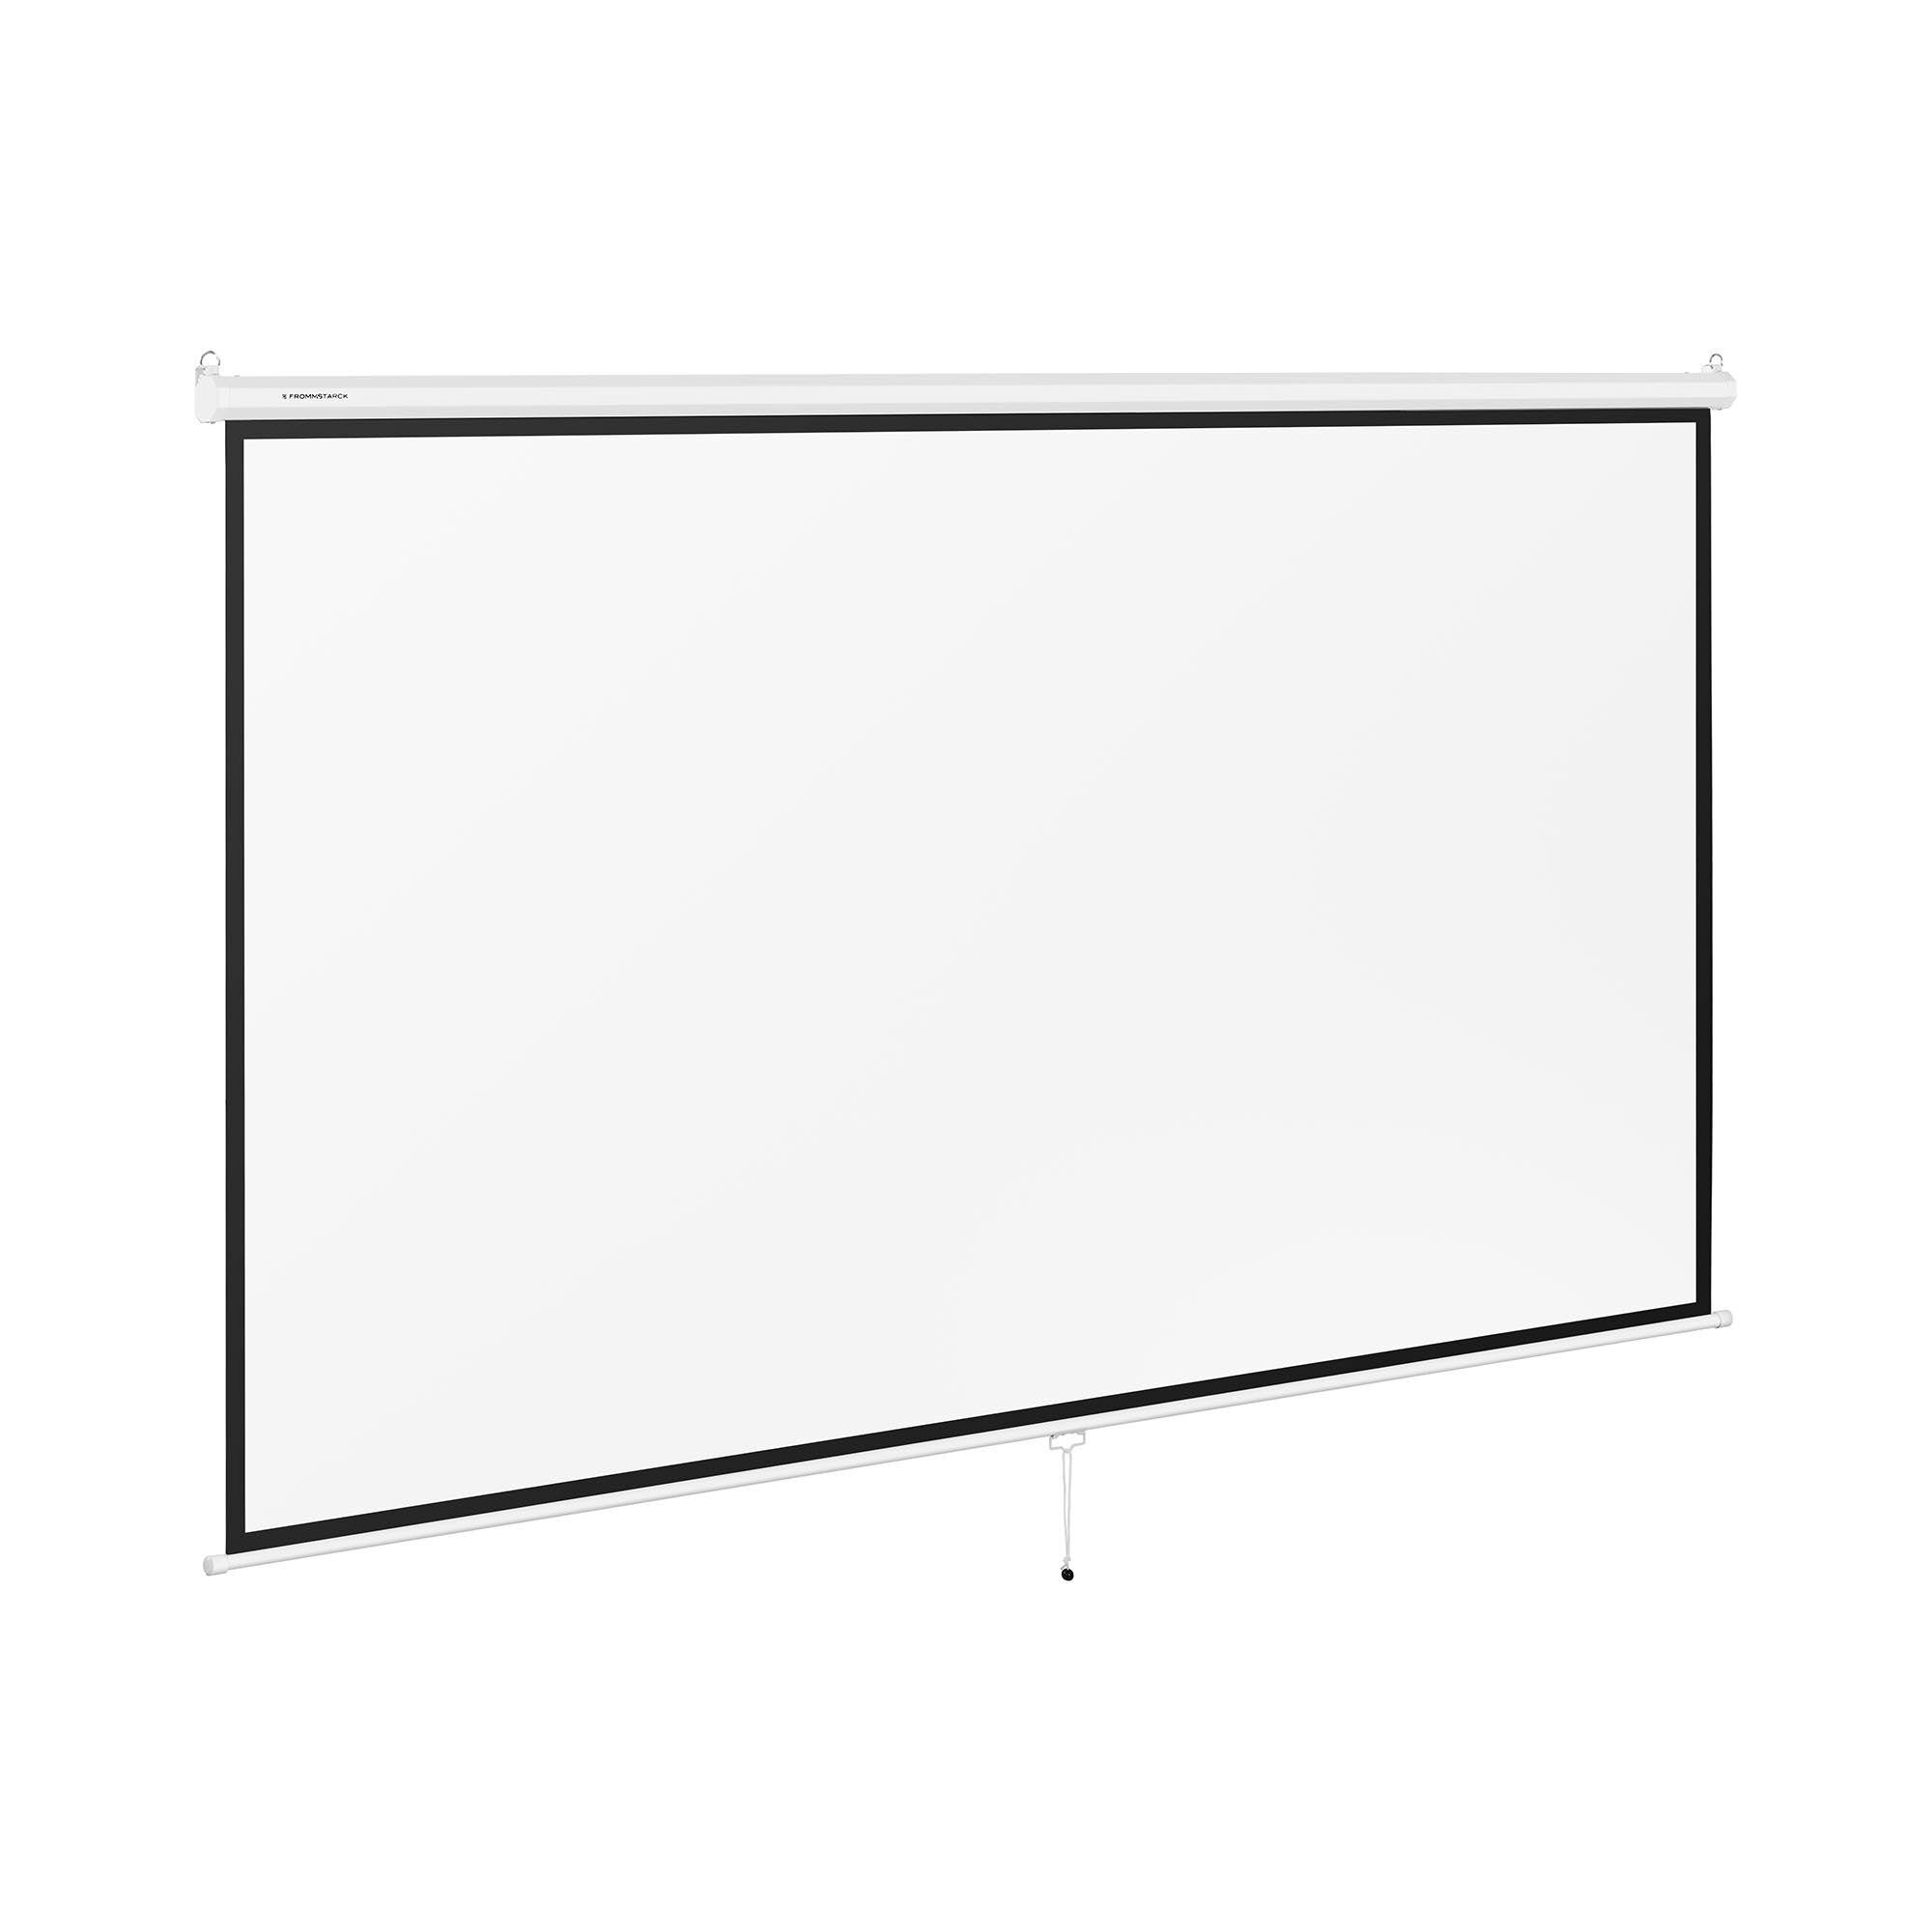 Fromm & Starck Écran de projection - 340 x 210 cm - 16:9 STAR_RS150M169_01